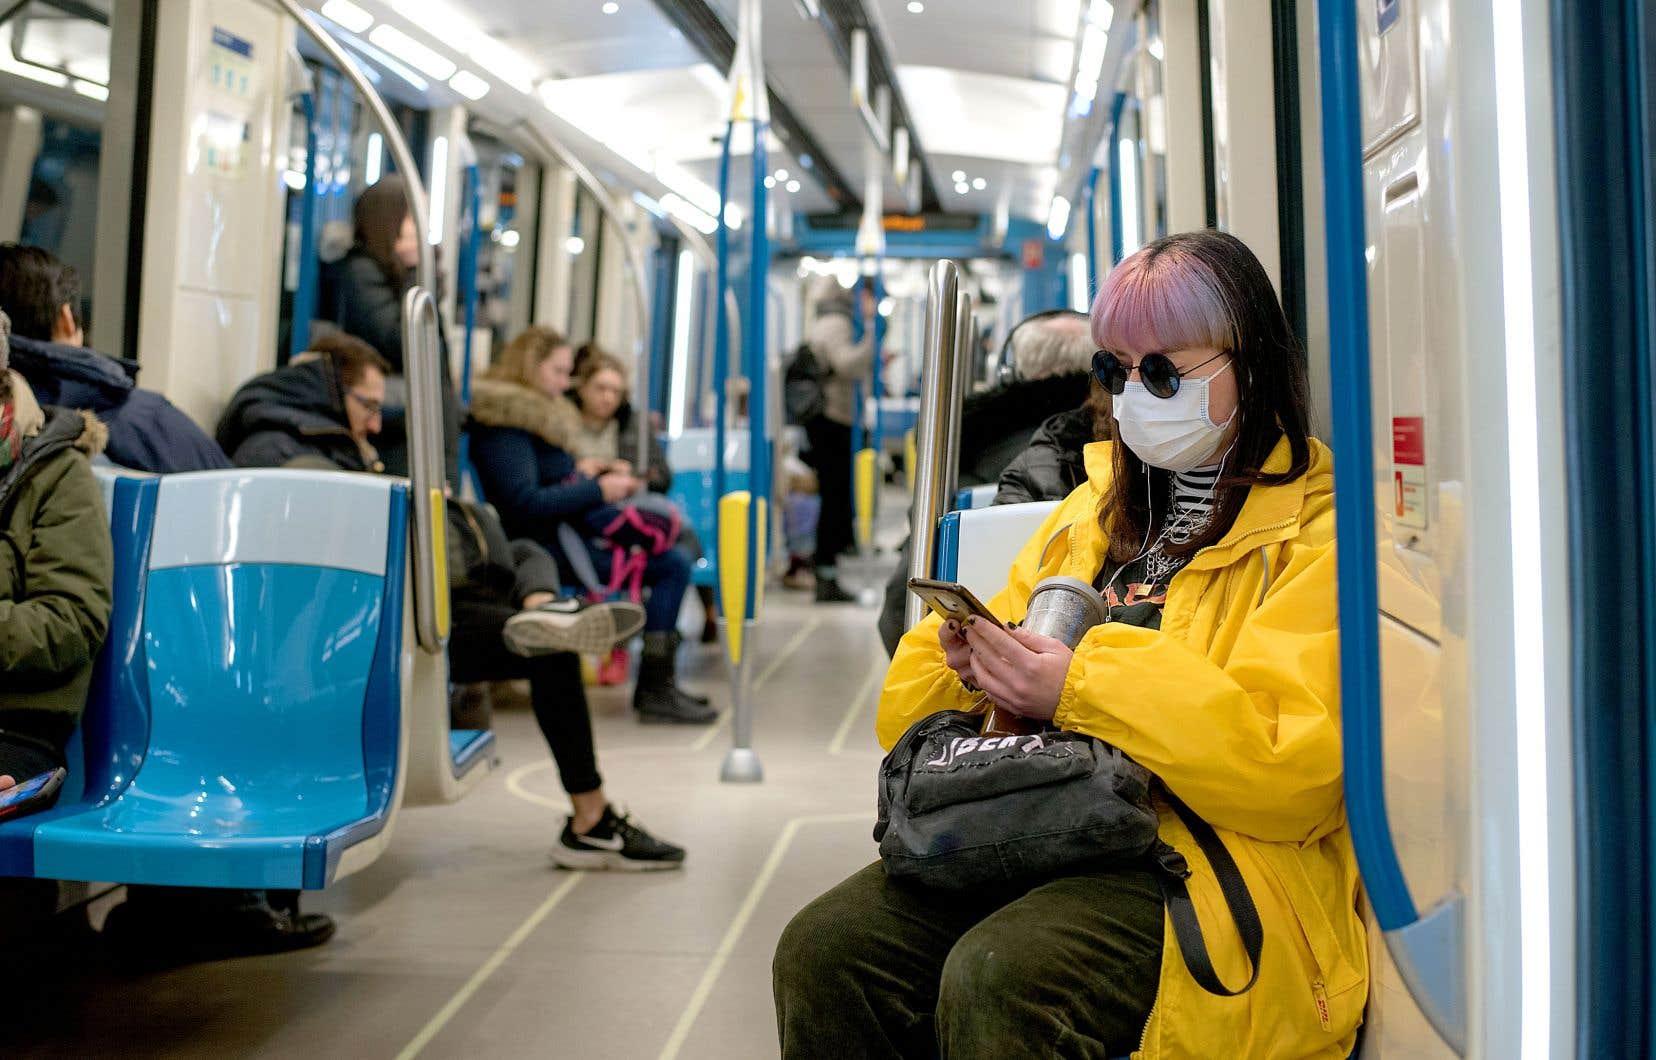 Le professeur Benoit Barbeau croit que, dans les territoires placés en quarantaine, les réseaux de transport limiteront le nombre de métros et d'autobus en circulation pour les réserver aux cas urgents et essentiels.